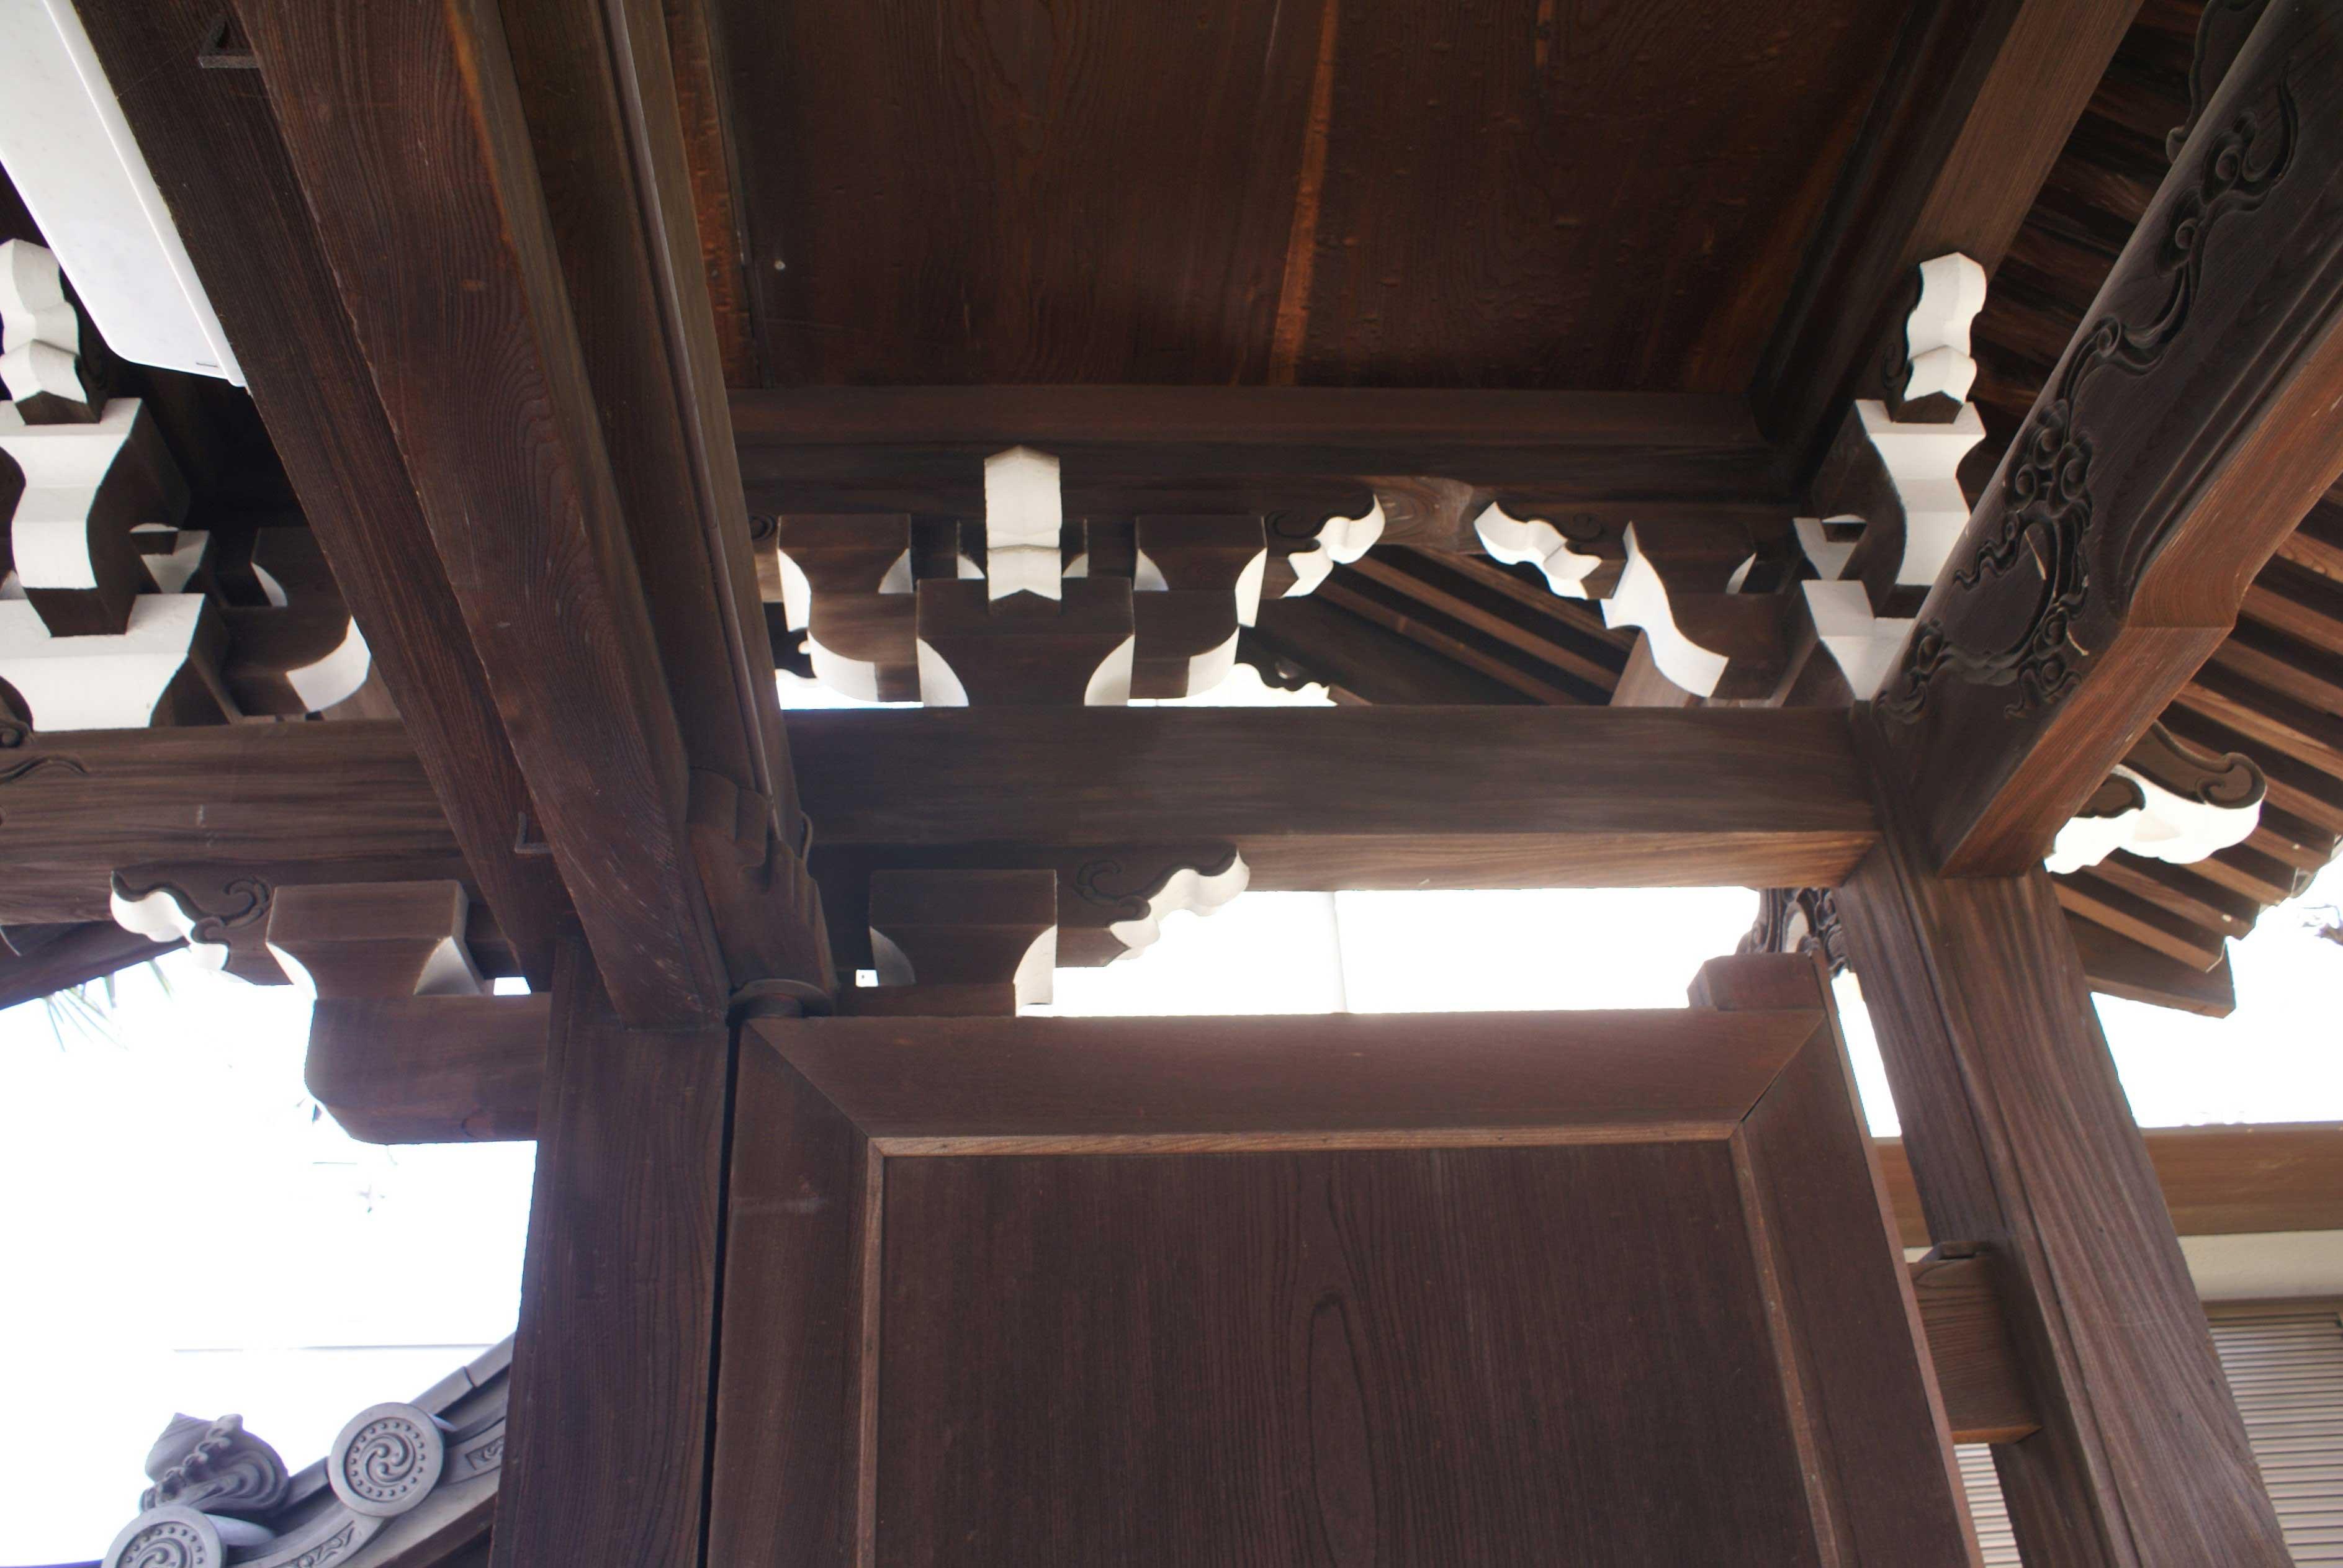 <p>冠木・男梁・三斗の架構</p>良材を用い、意匠も優れた山門である。